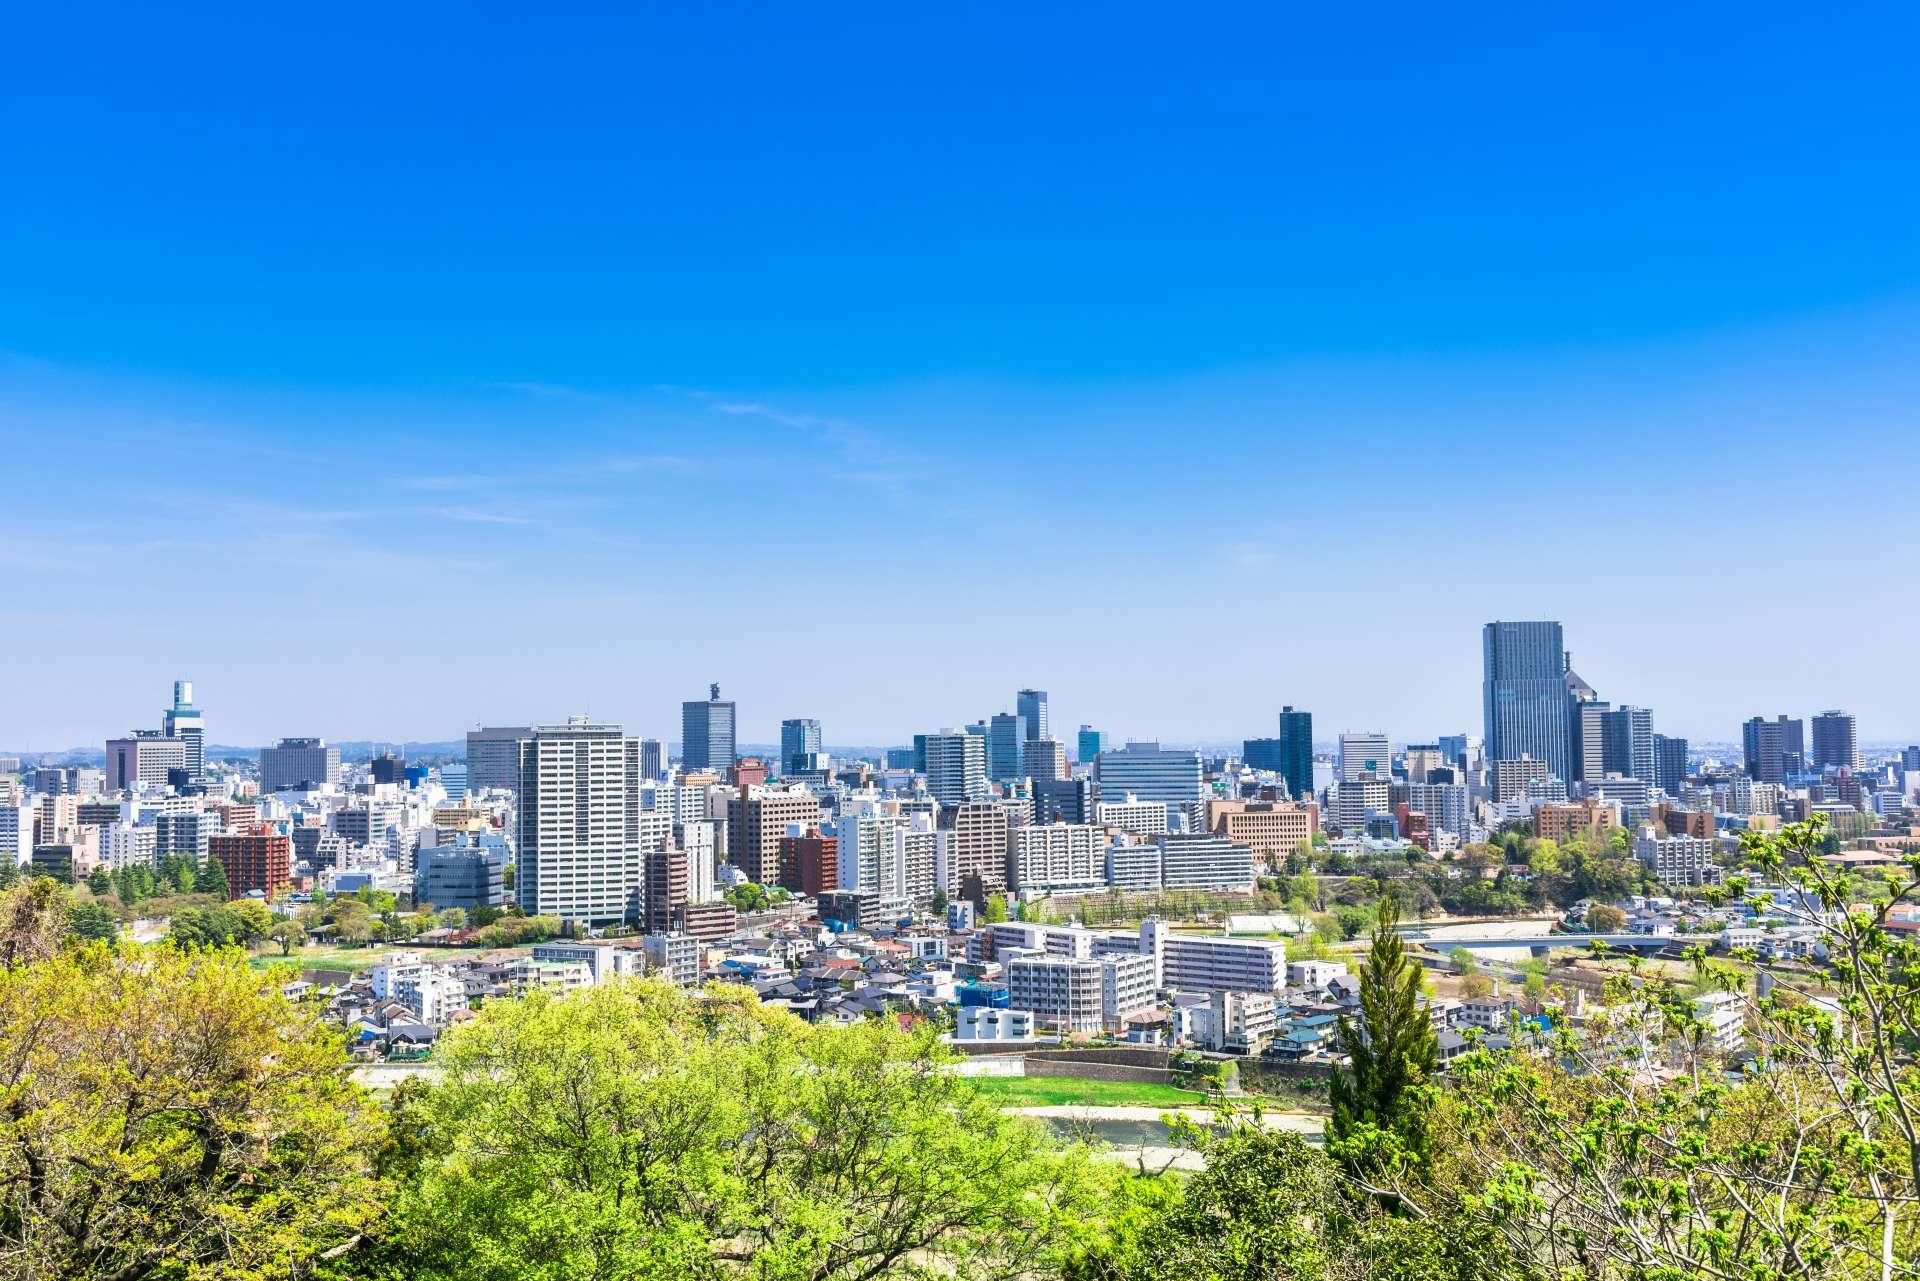 仙台市被譽為「森林之都」